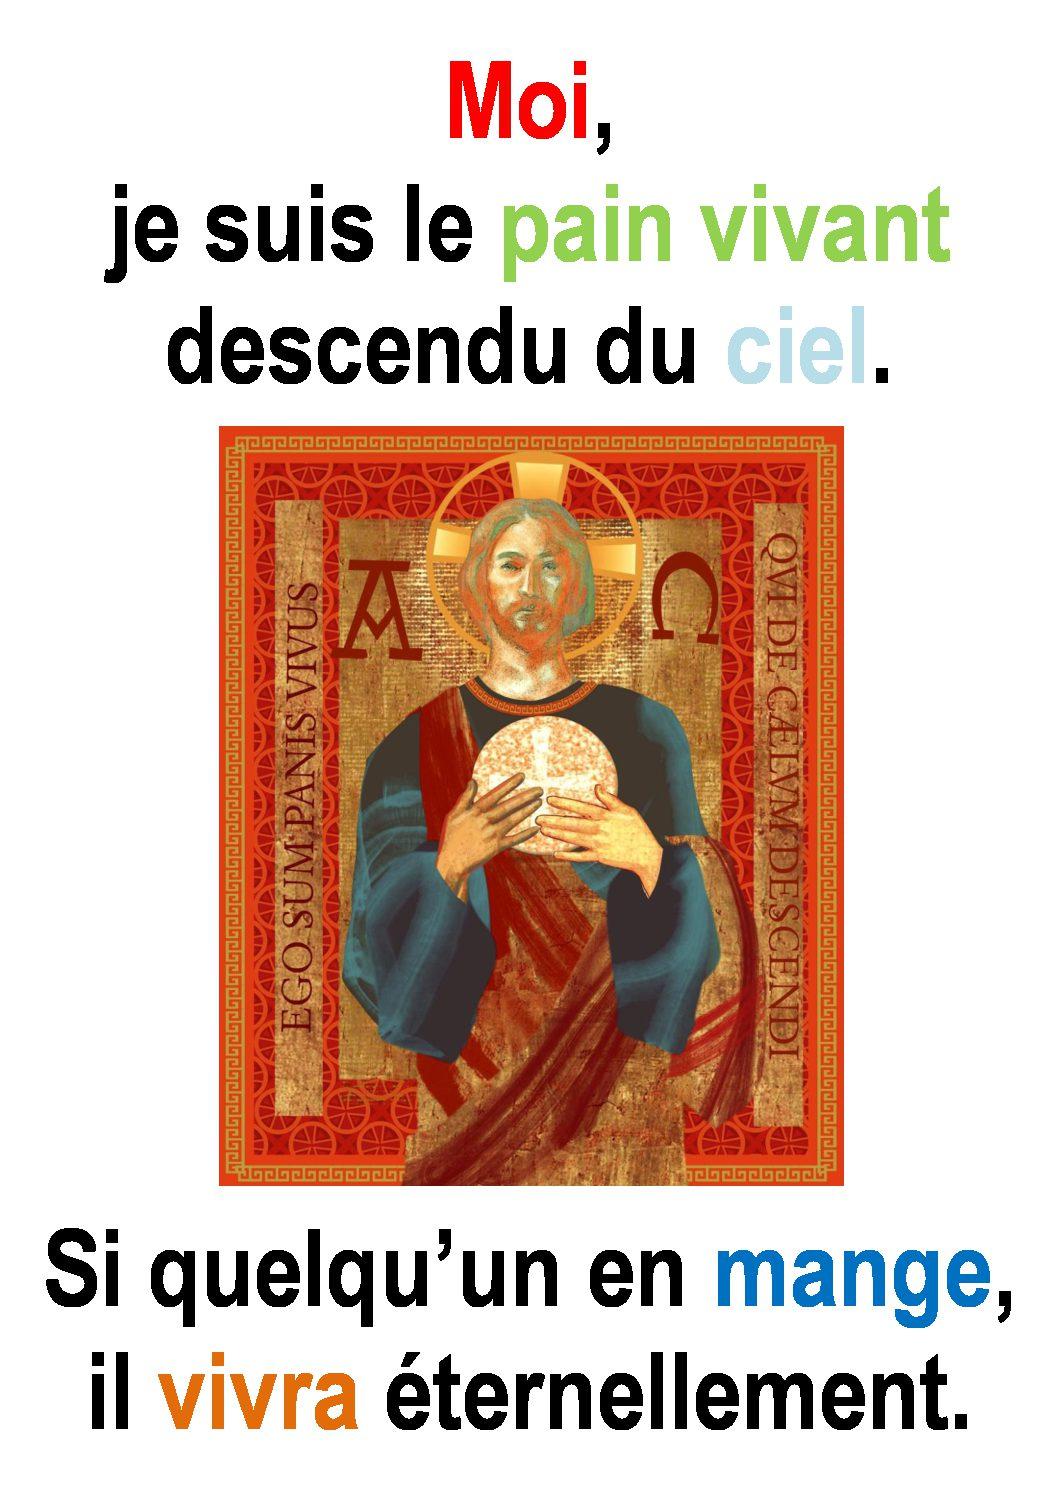 19ième Dimanche du Temps Ordinaire – par Francis COUSIN (Jn 6, 41-51)